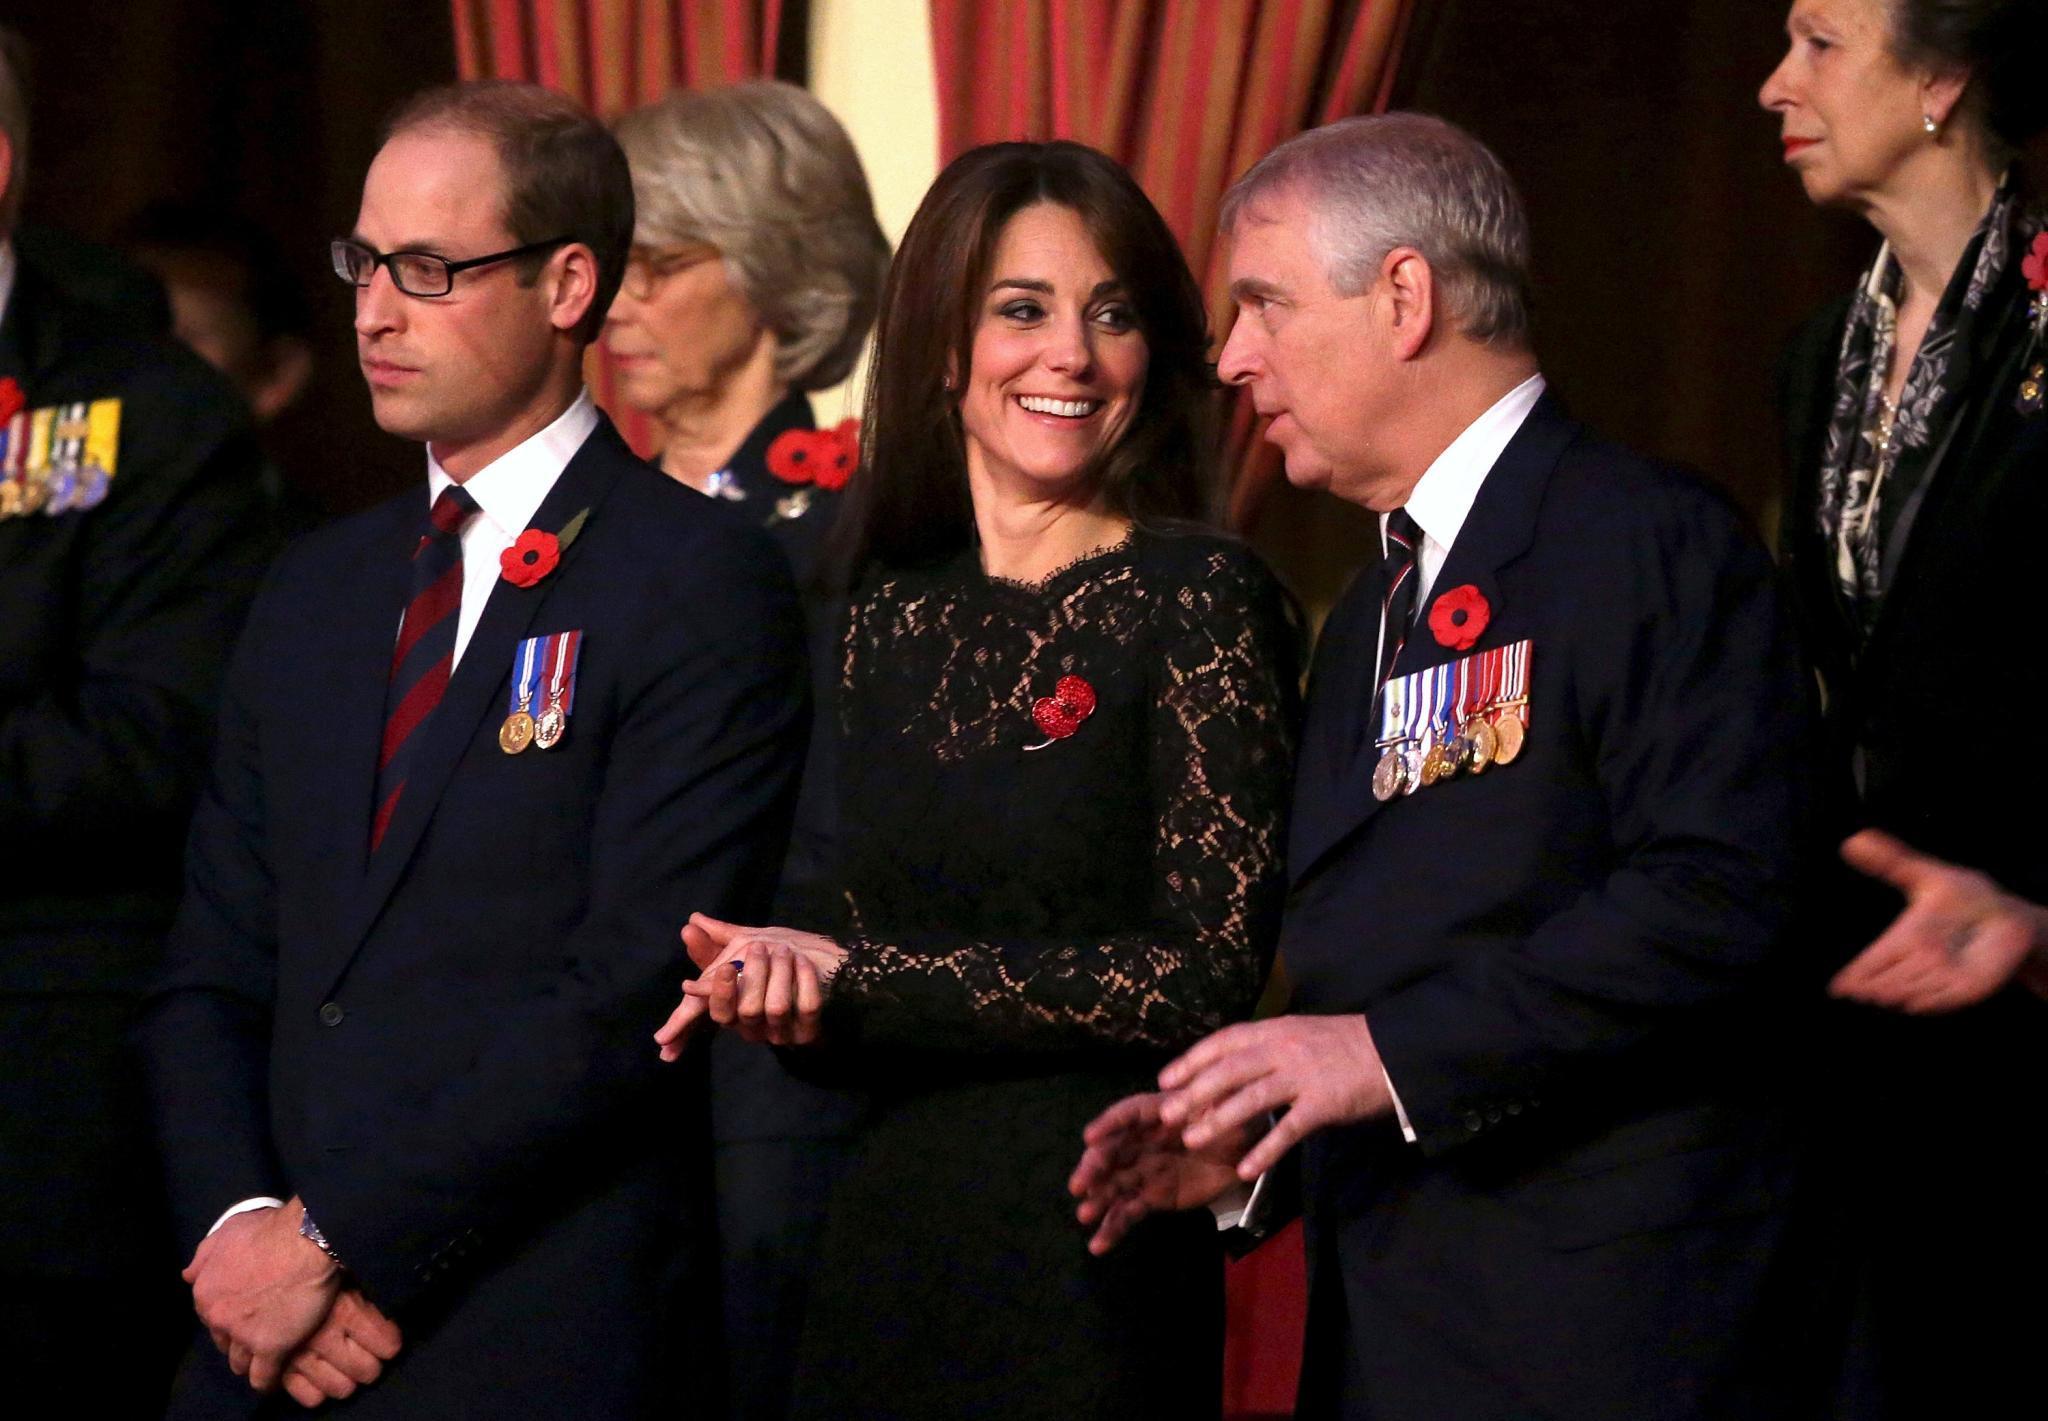 Prinz Andrew ist offenbar ein amüsanter Sitznachbar für Herzogin Catherine.